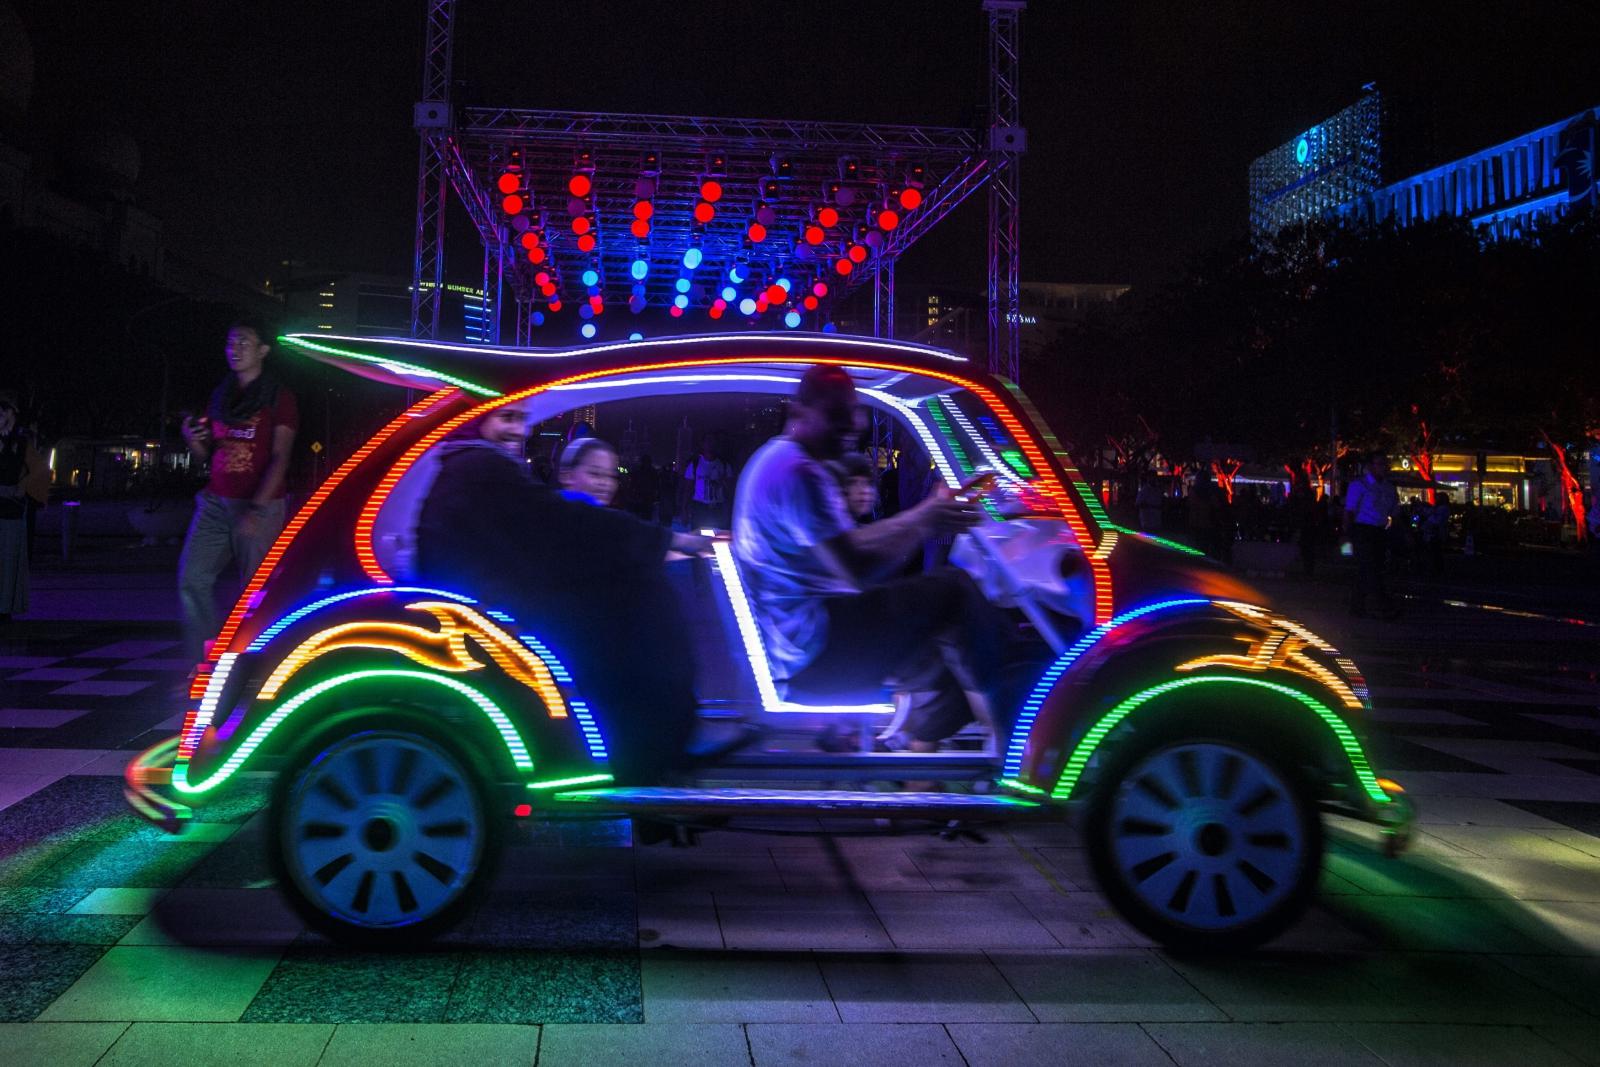 Festiwal Światła w Putrajaya w Malezji. Fot. PAP/EPA/AHMAD YUSNI